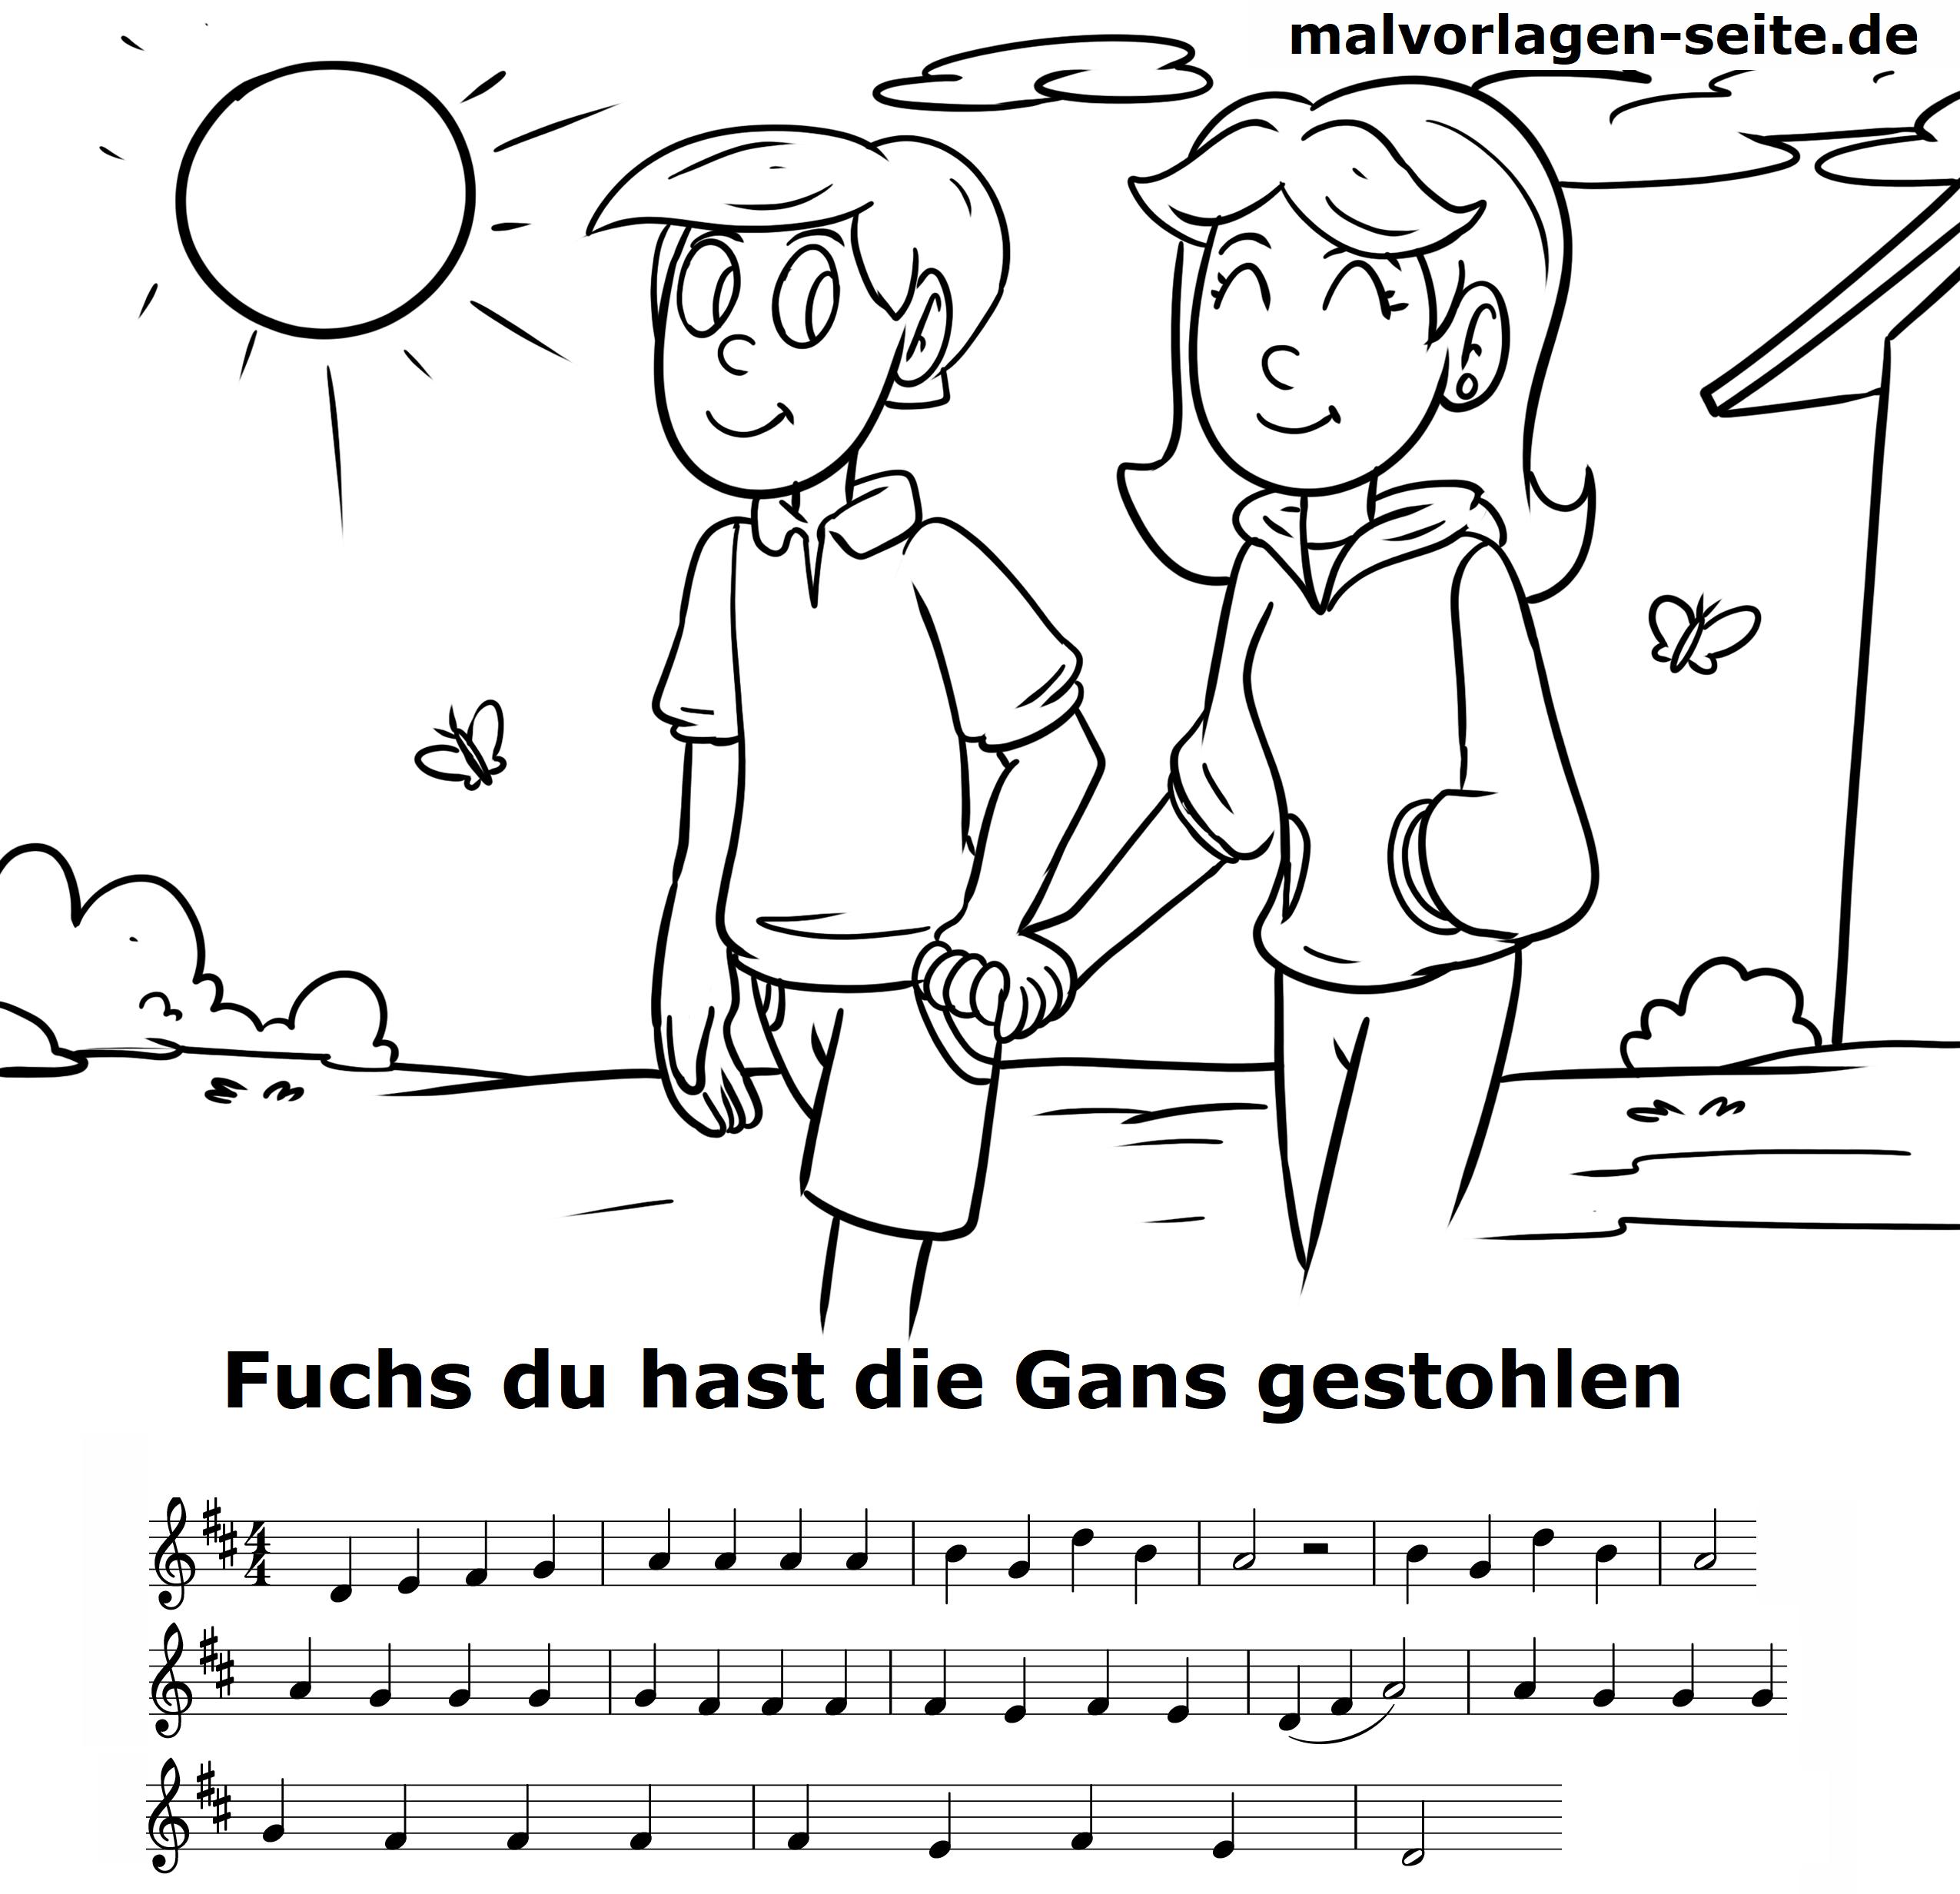 Fuchs Du Hast Die Gans Gestohlen Noten Und Text Zum Ausdrucken in Fuchs Du Hast Die Gans Gestohlen Noten